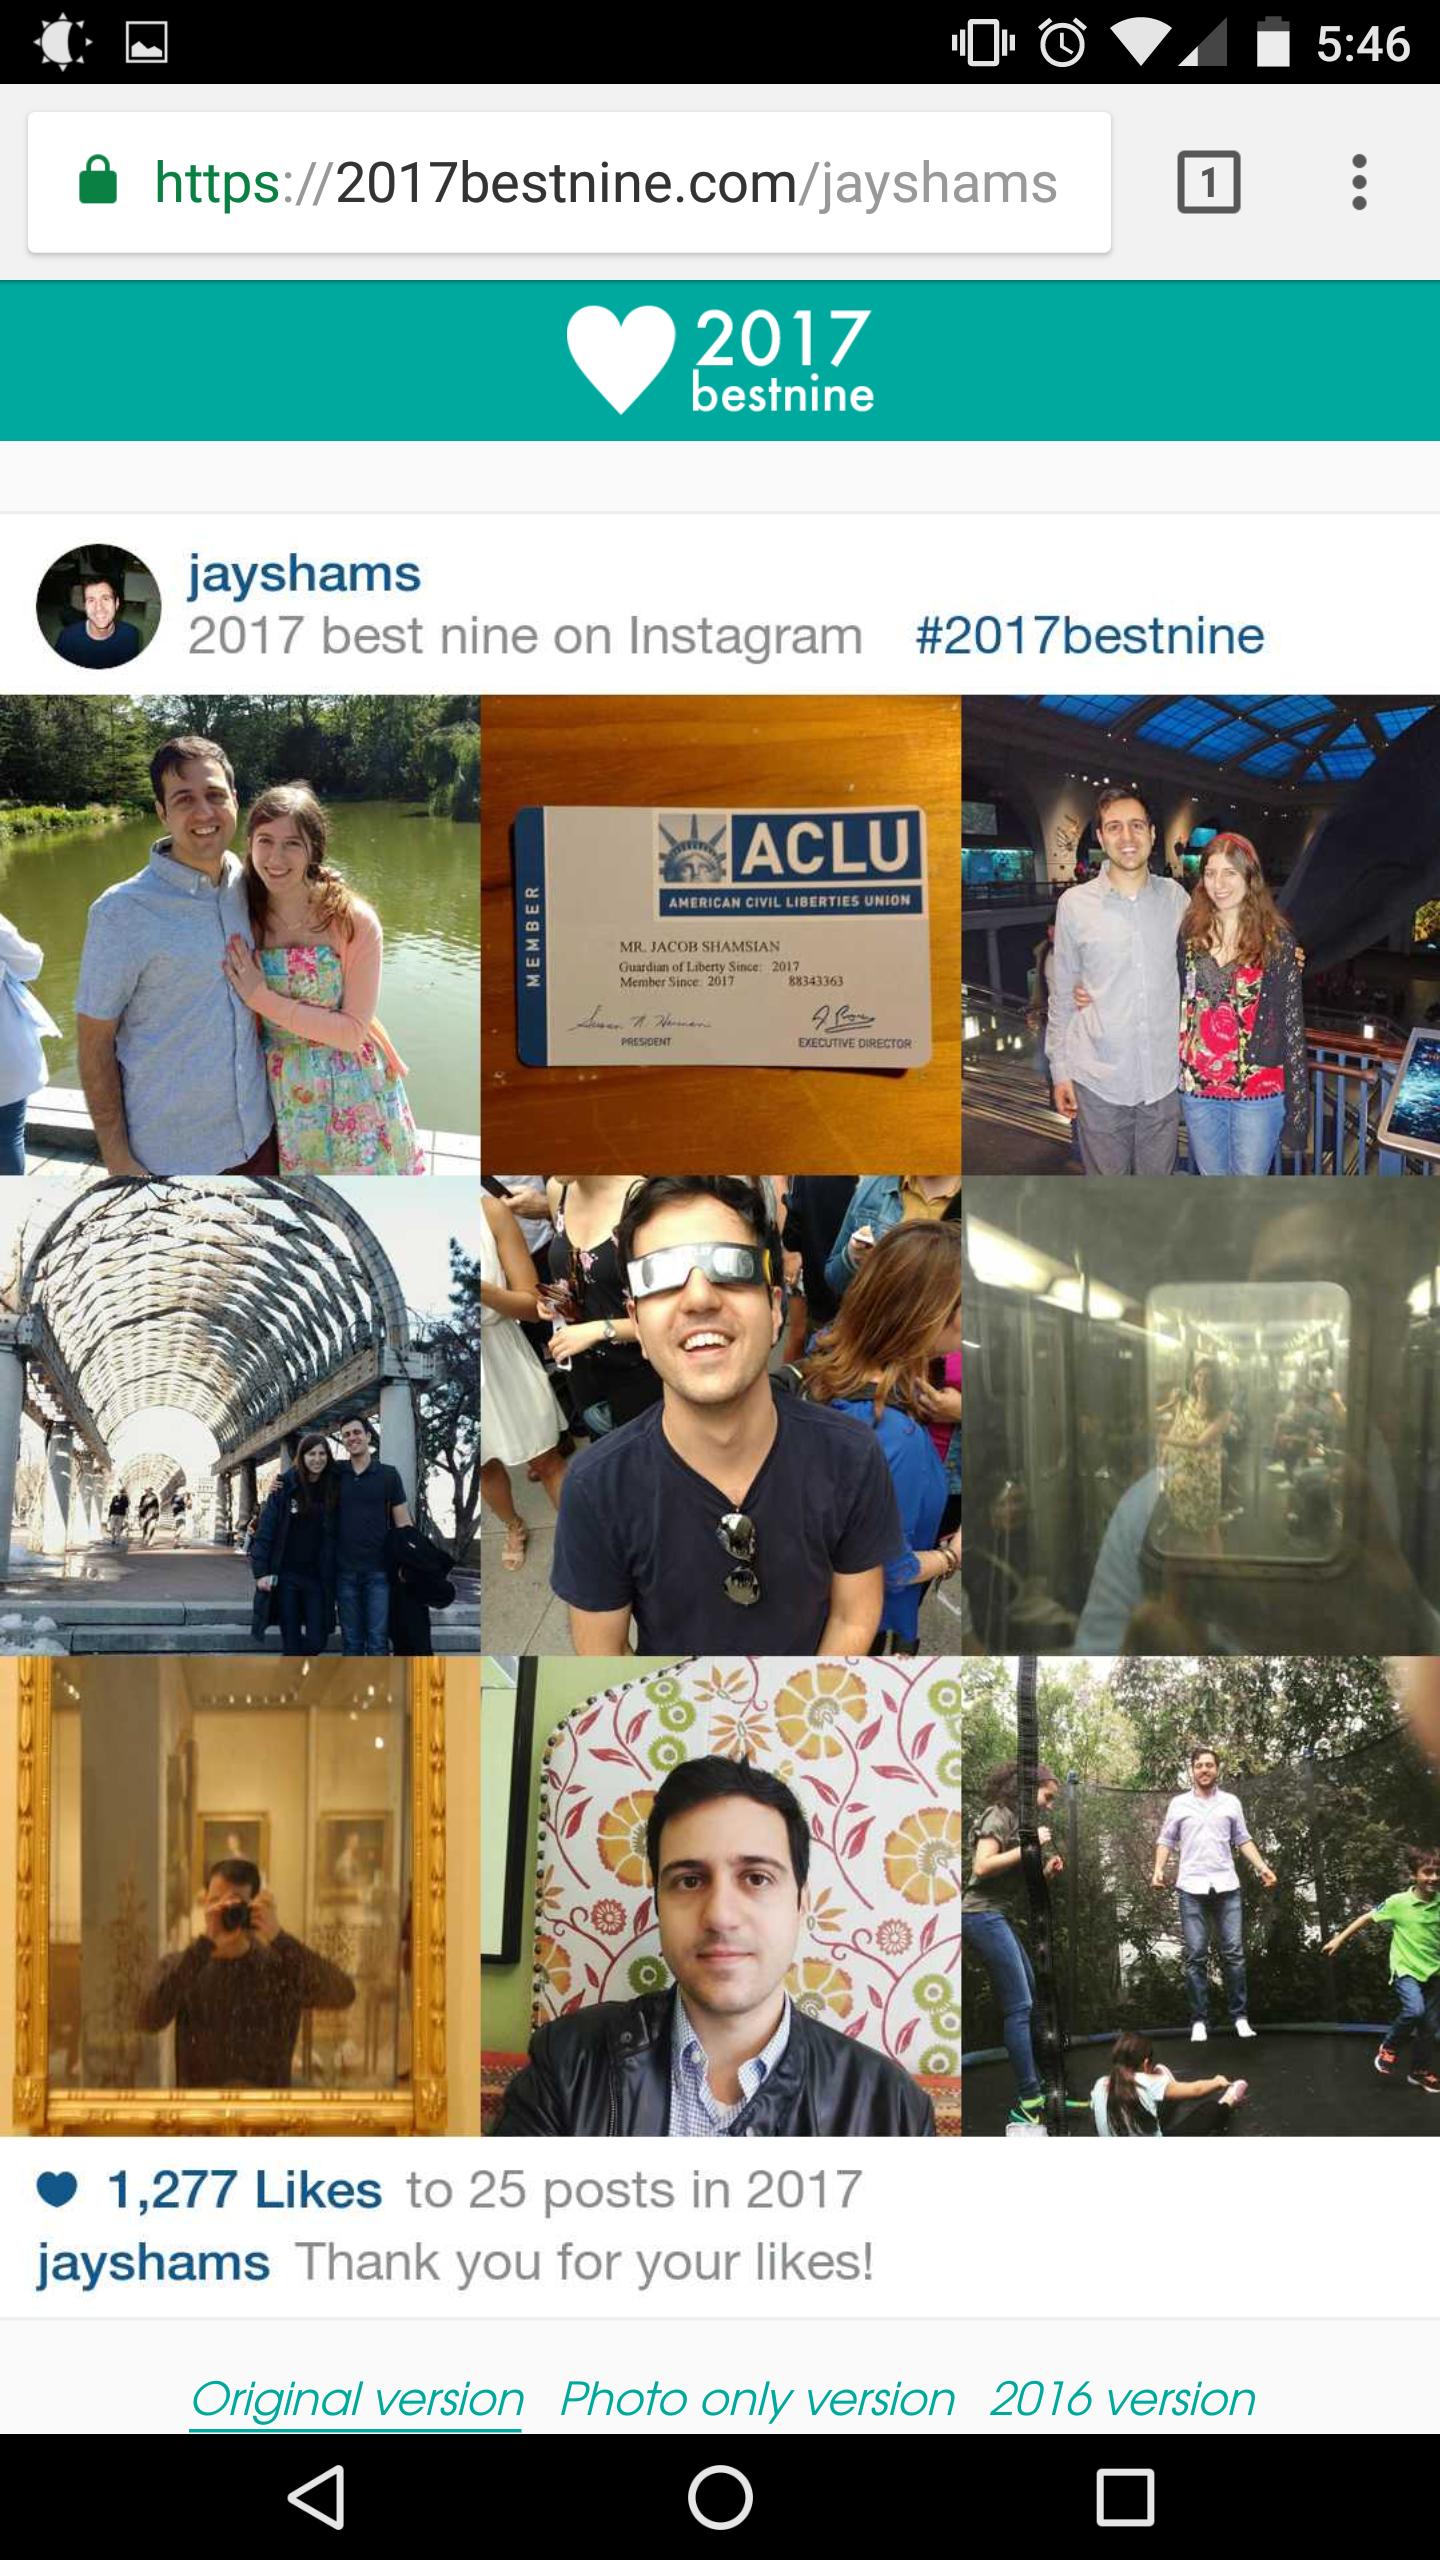 Làm thế nào để tìm ra 9 bức ảnh nhiều Like nhất năm 2017 của mình trên Instagram? - Ảnh 3.